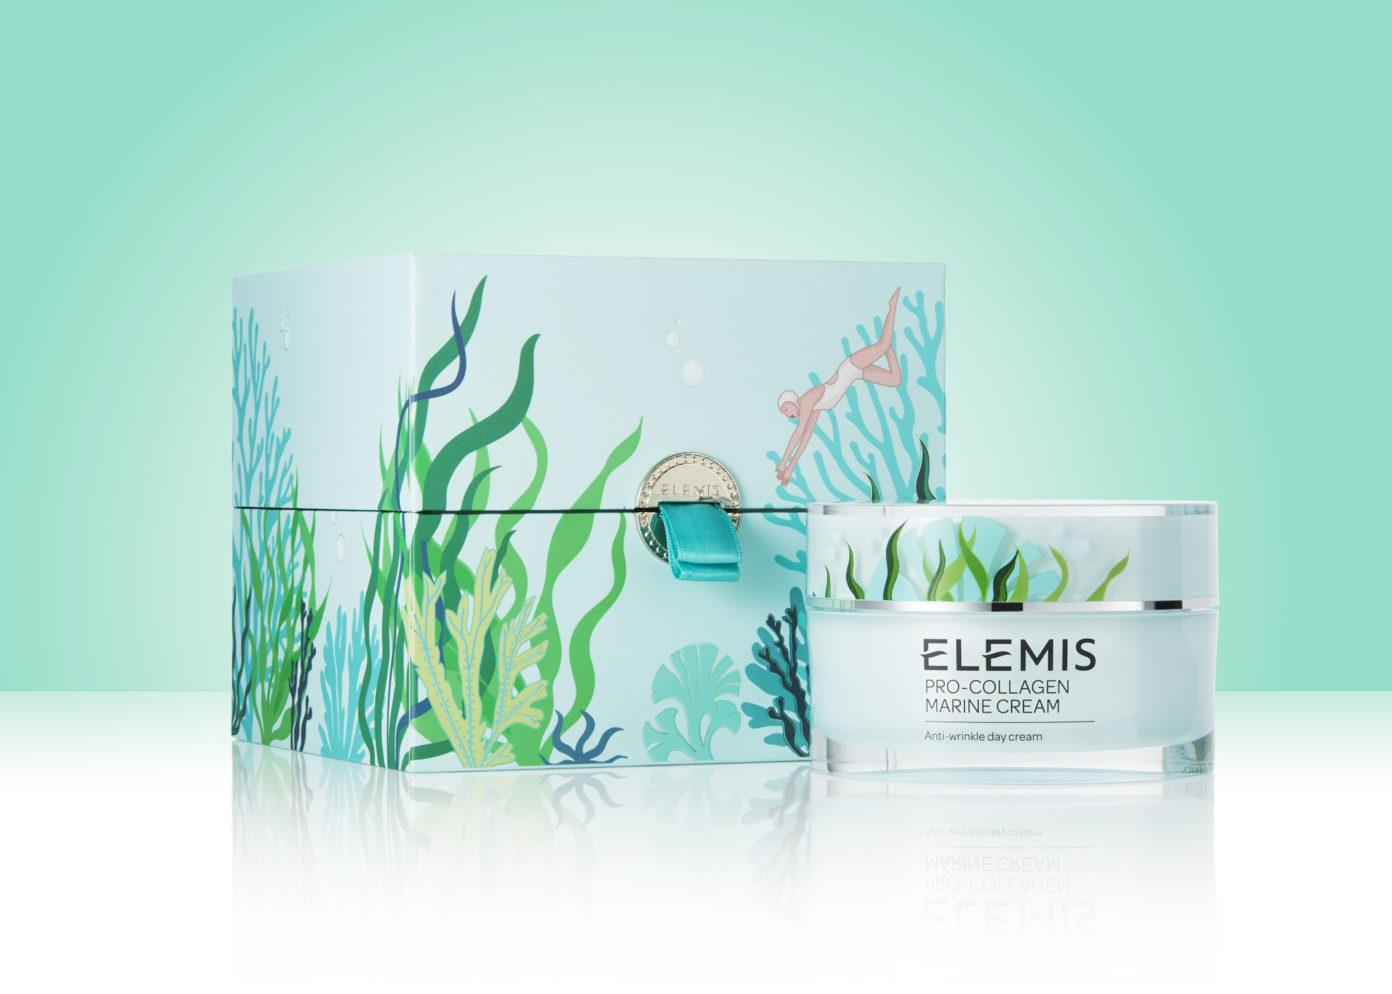 ELEMIS-2100px-x-1500px-1392x994